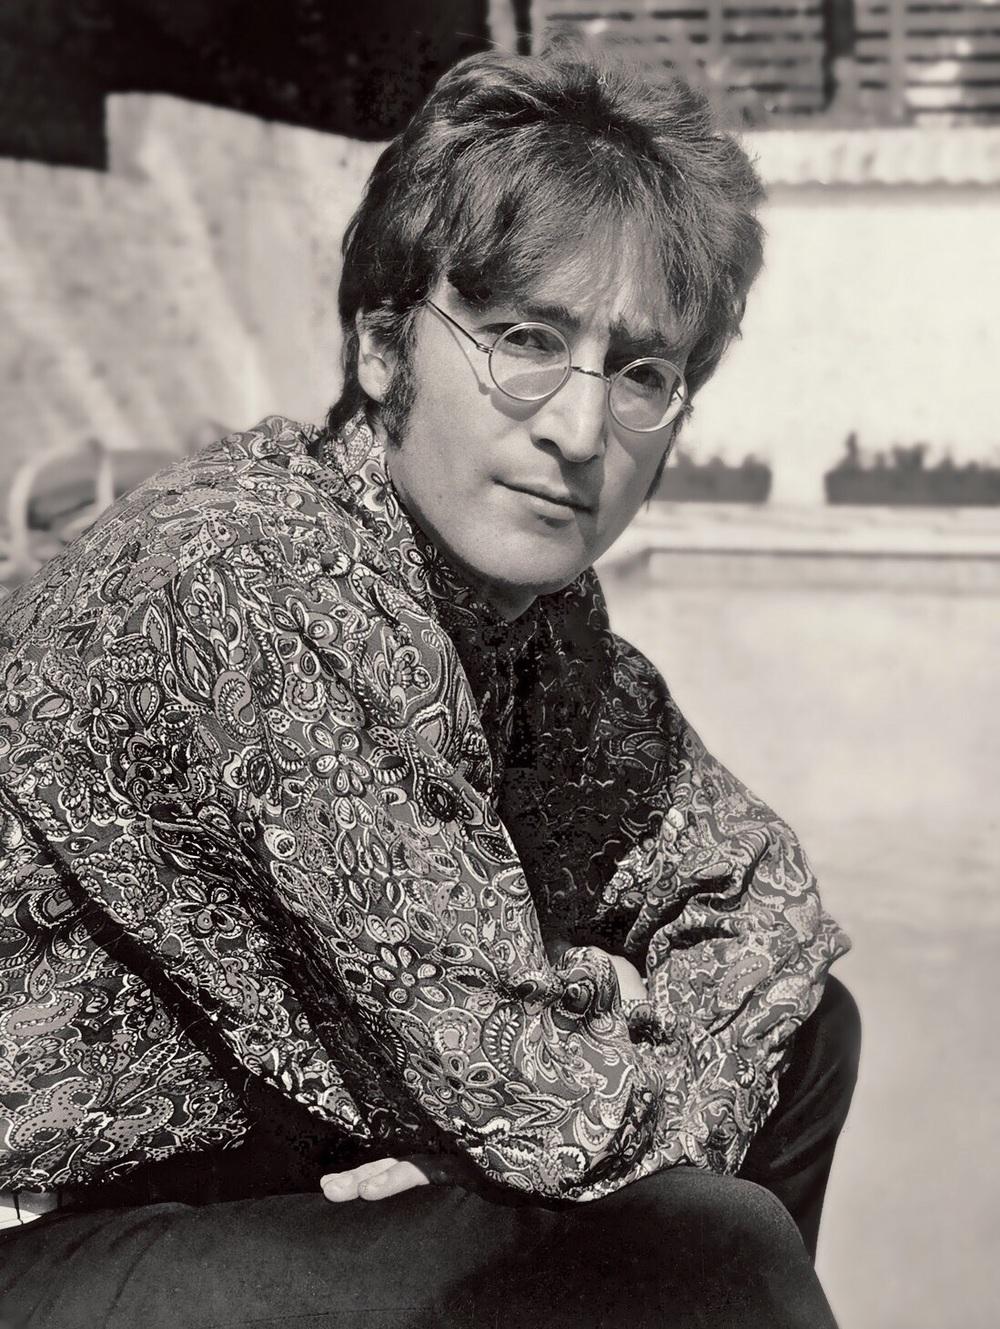 John Lennon 1967.